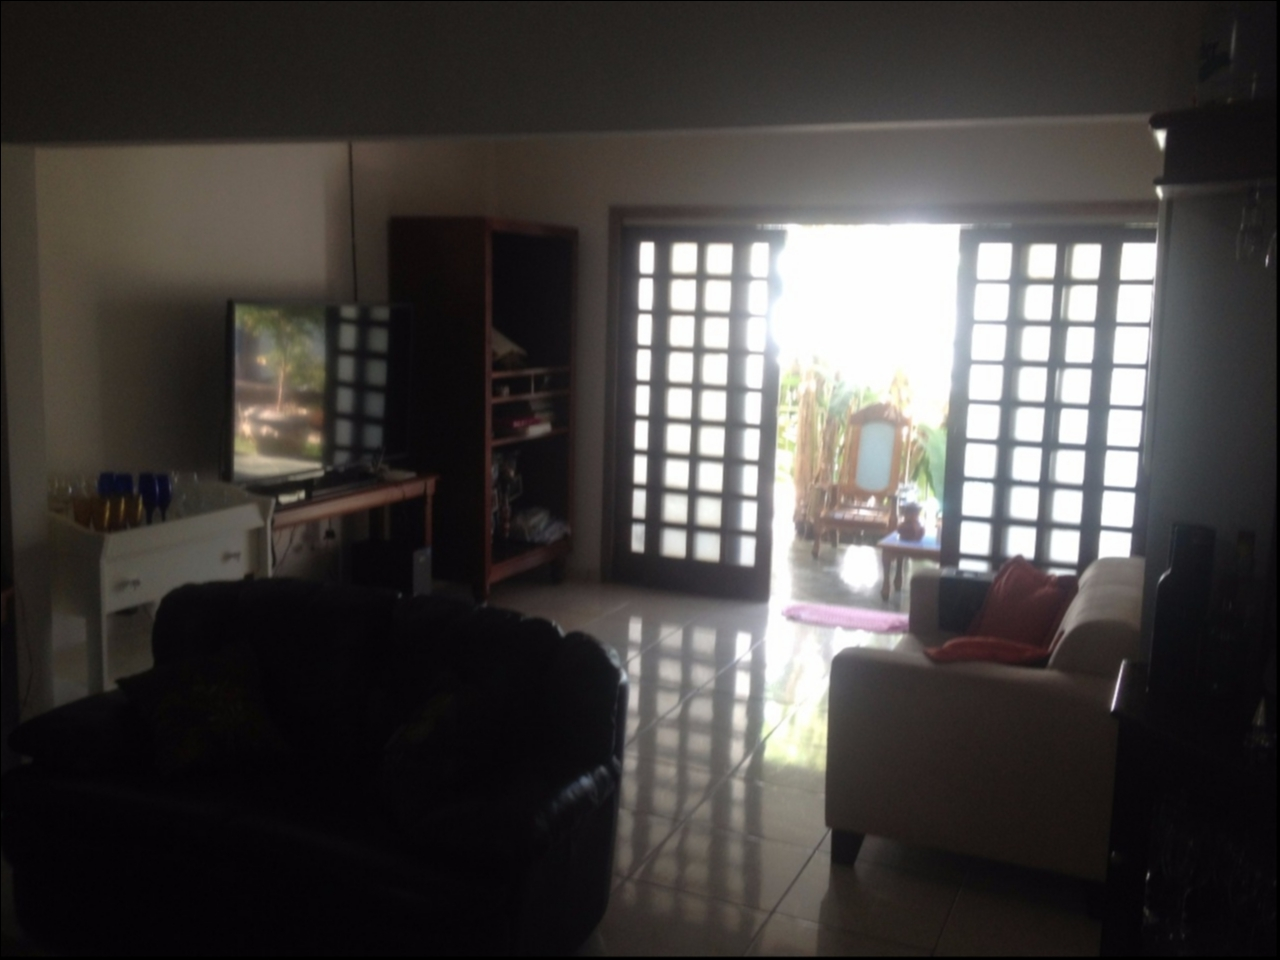 Casa  com 4 quartos sendo 3 Suítes no Jardim Itália, Cuiabá  - MT